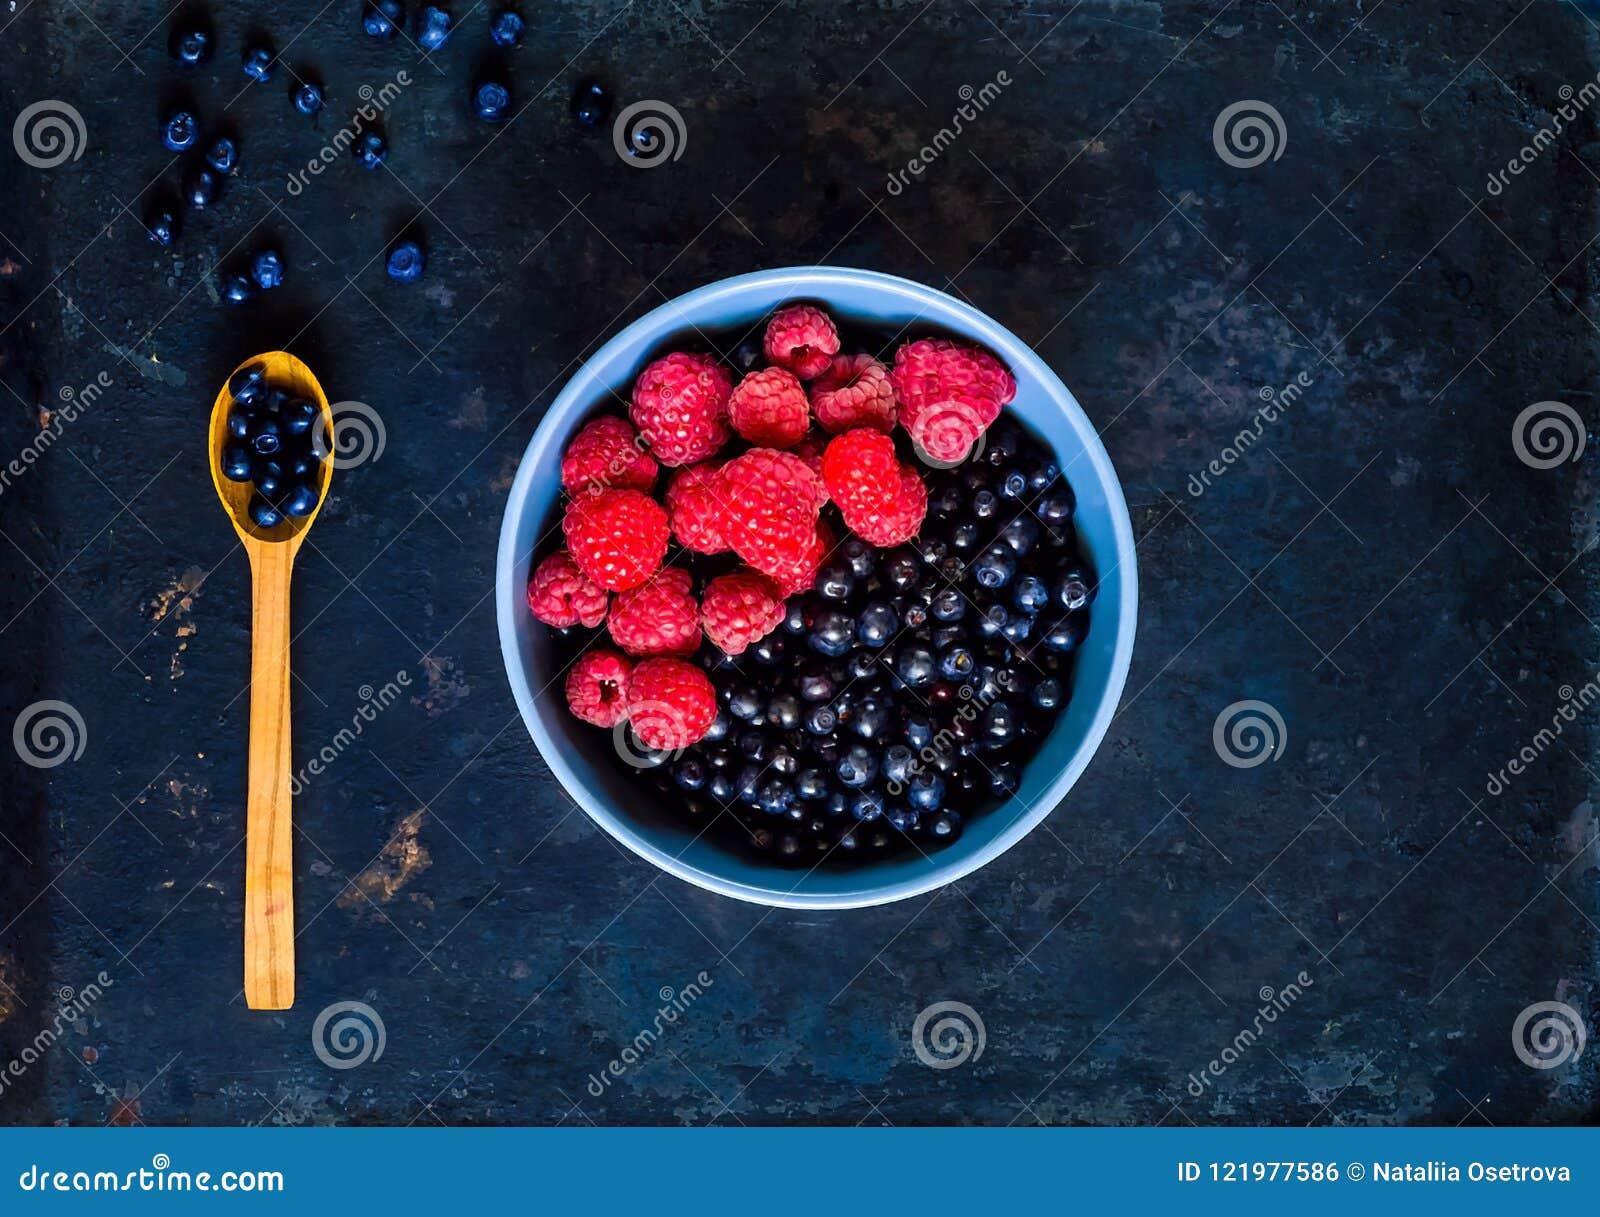 Черника и поленики в голубом шаре, концепция органического шара ягод на винтажной ржавой предпосылке металла